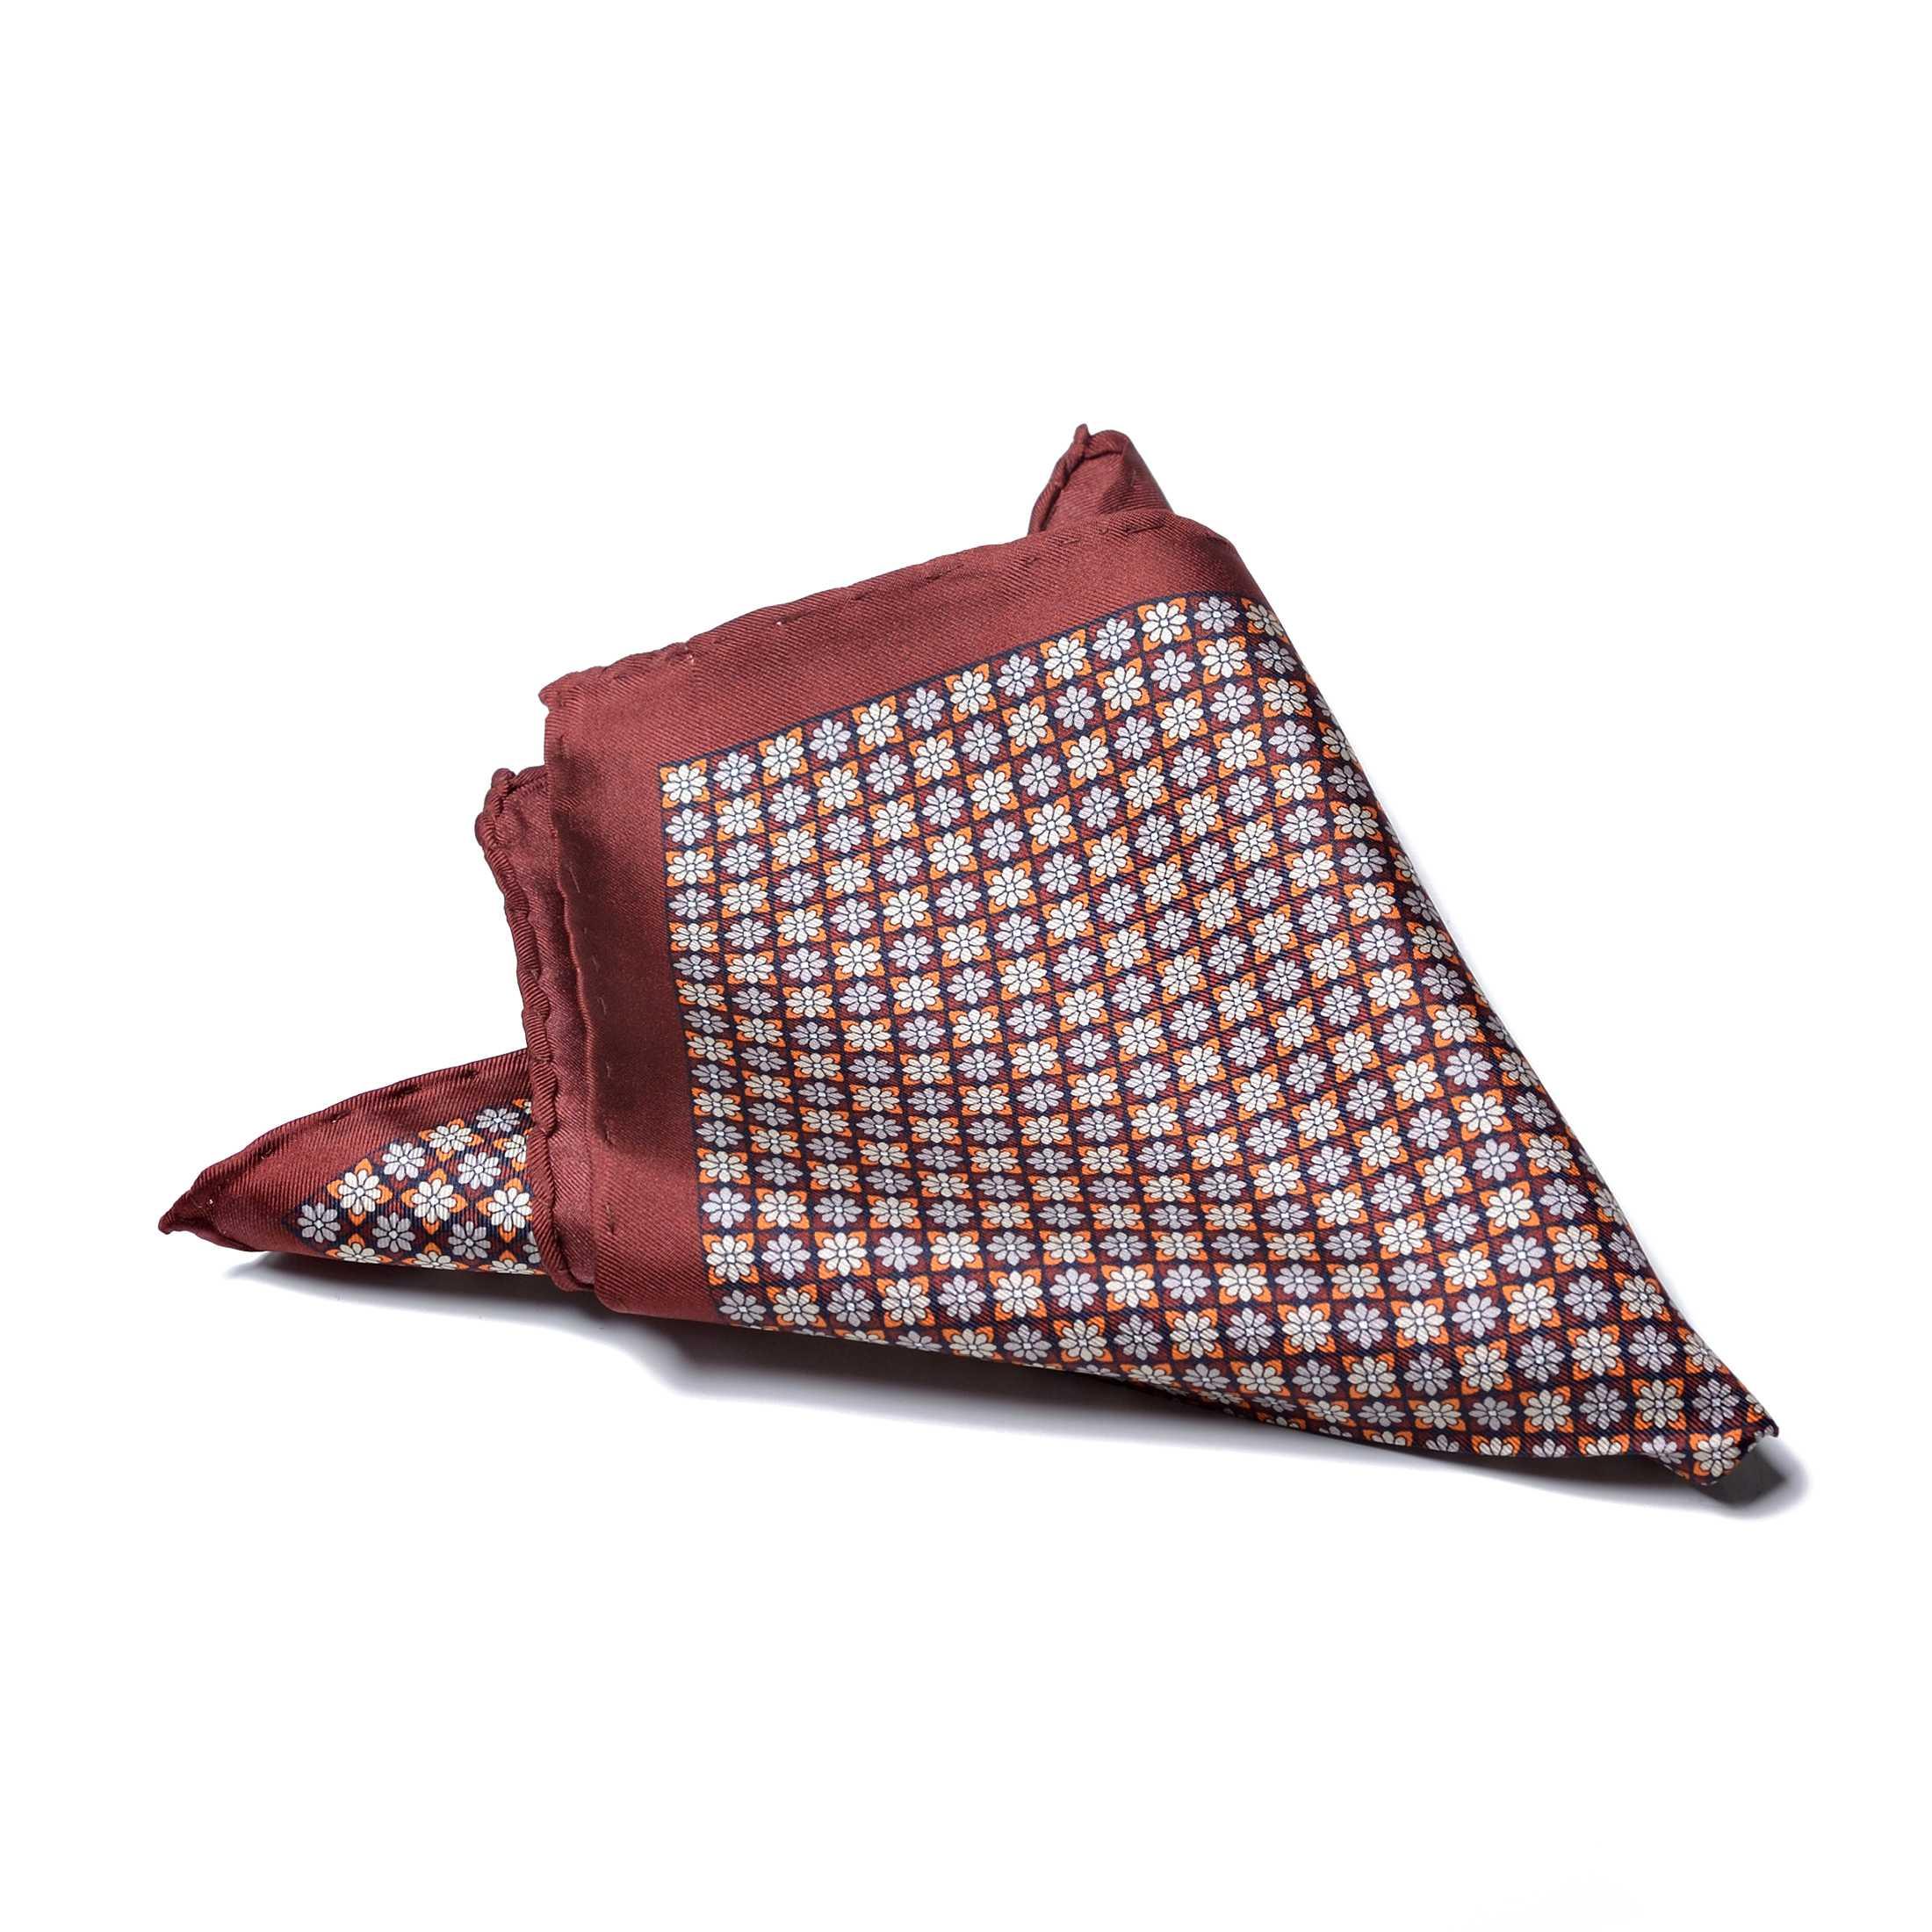 Платок нагрудный в карман кирпично-бордовый цвет с цветочным рисунком (шелк)